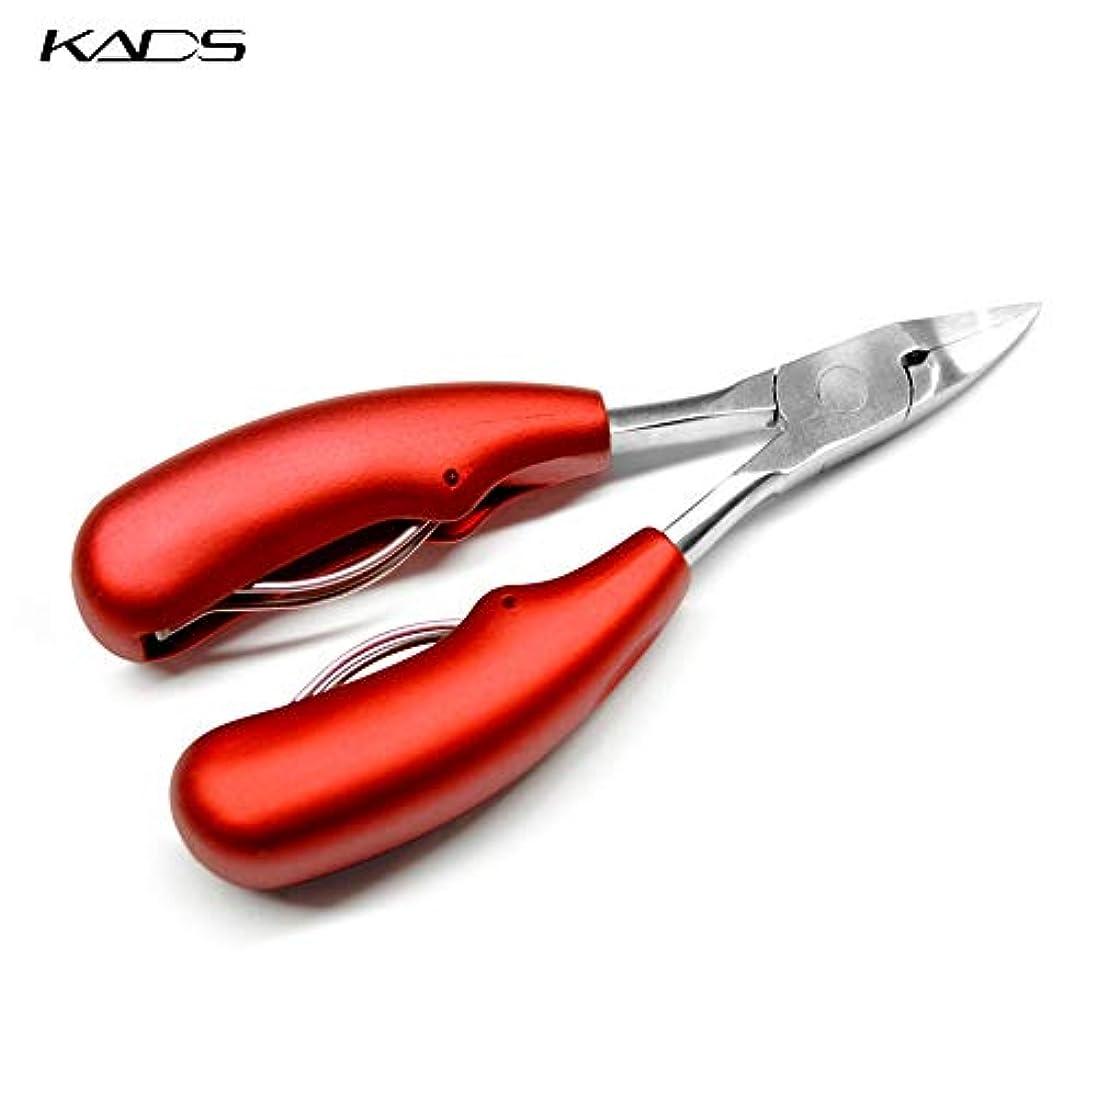 草巻き戻す薬剤師KADS 爪切りニッパー 巻き爪/硬い爪に対応 高品質ステンレス製 滑り止め加工 厚手のハンドル(アカ)